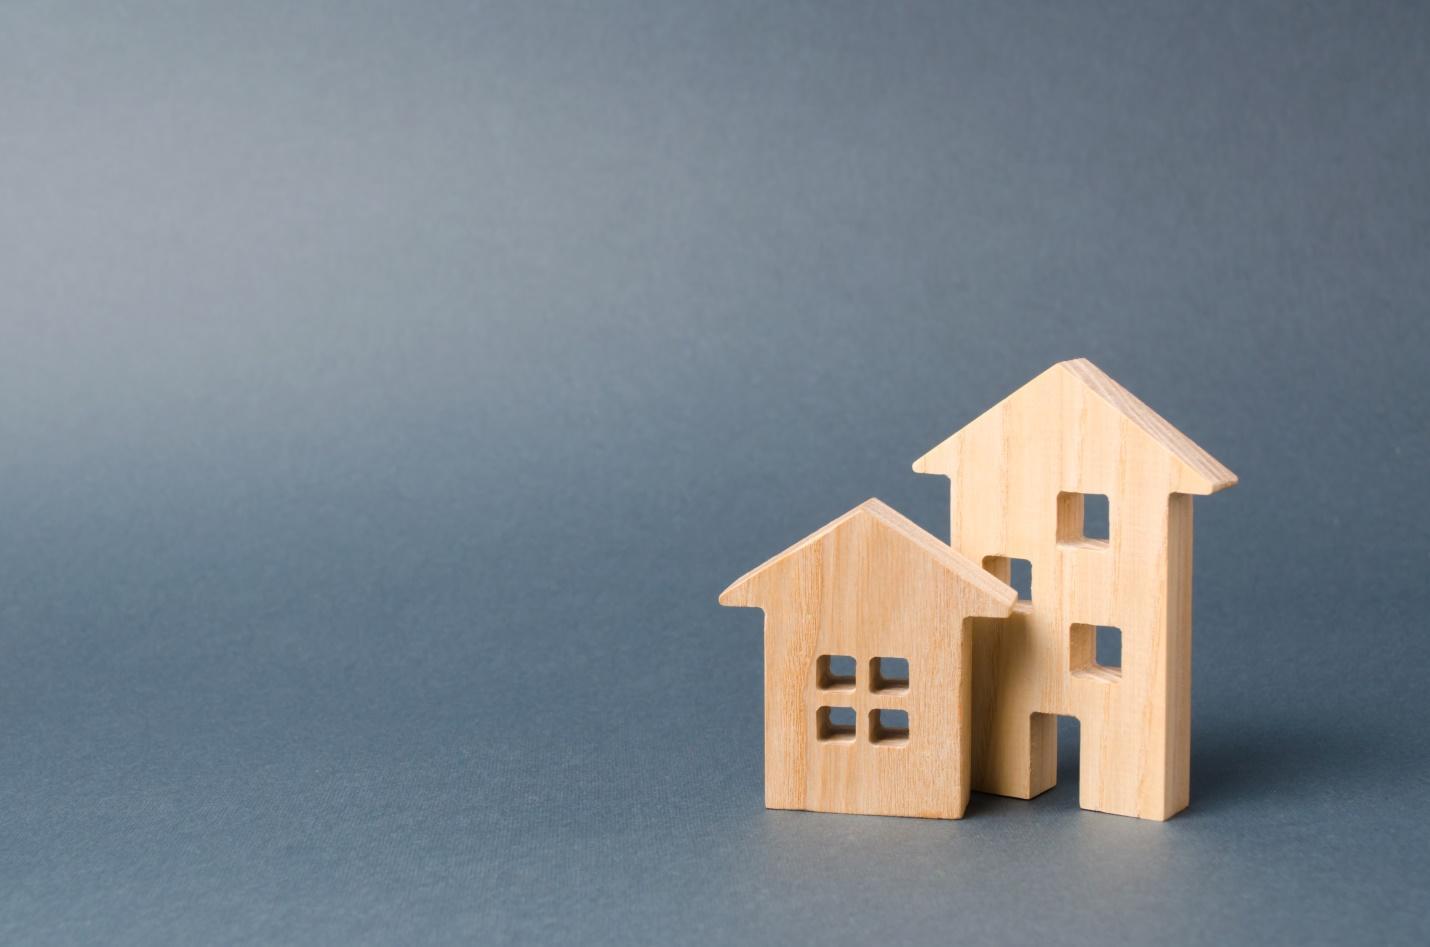 C:\Users\ABDULLAH-PC\Downloads\wooden-houses-figures-73QQADG.jpg